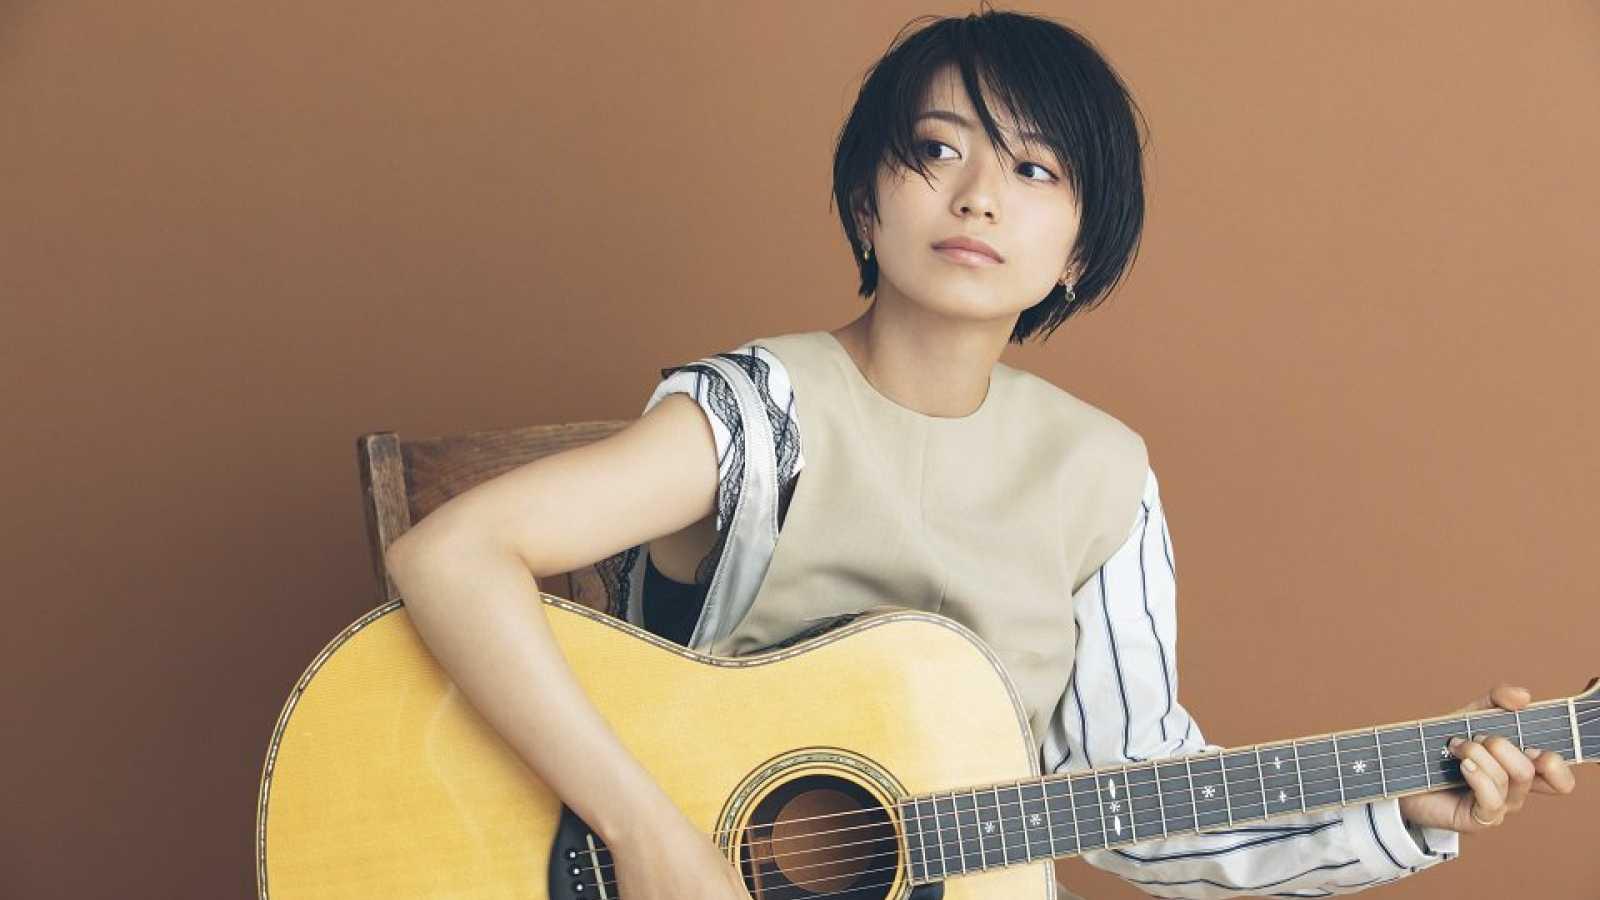 miwan uusi single pohtii kolmeakymmentä lähestyvien naisten näkökulmia © Sony Music Records. All rights reserved.